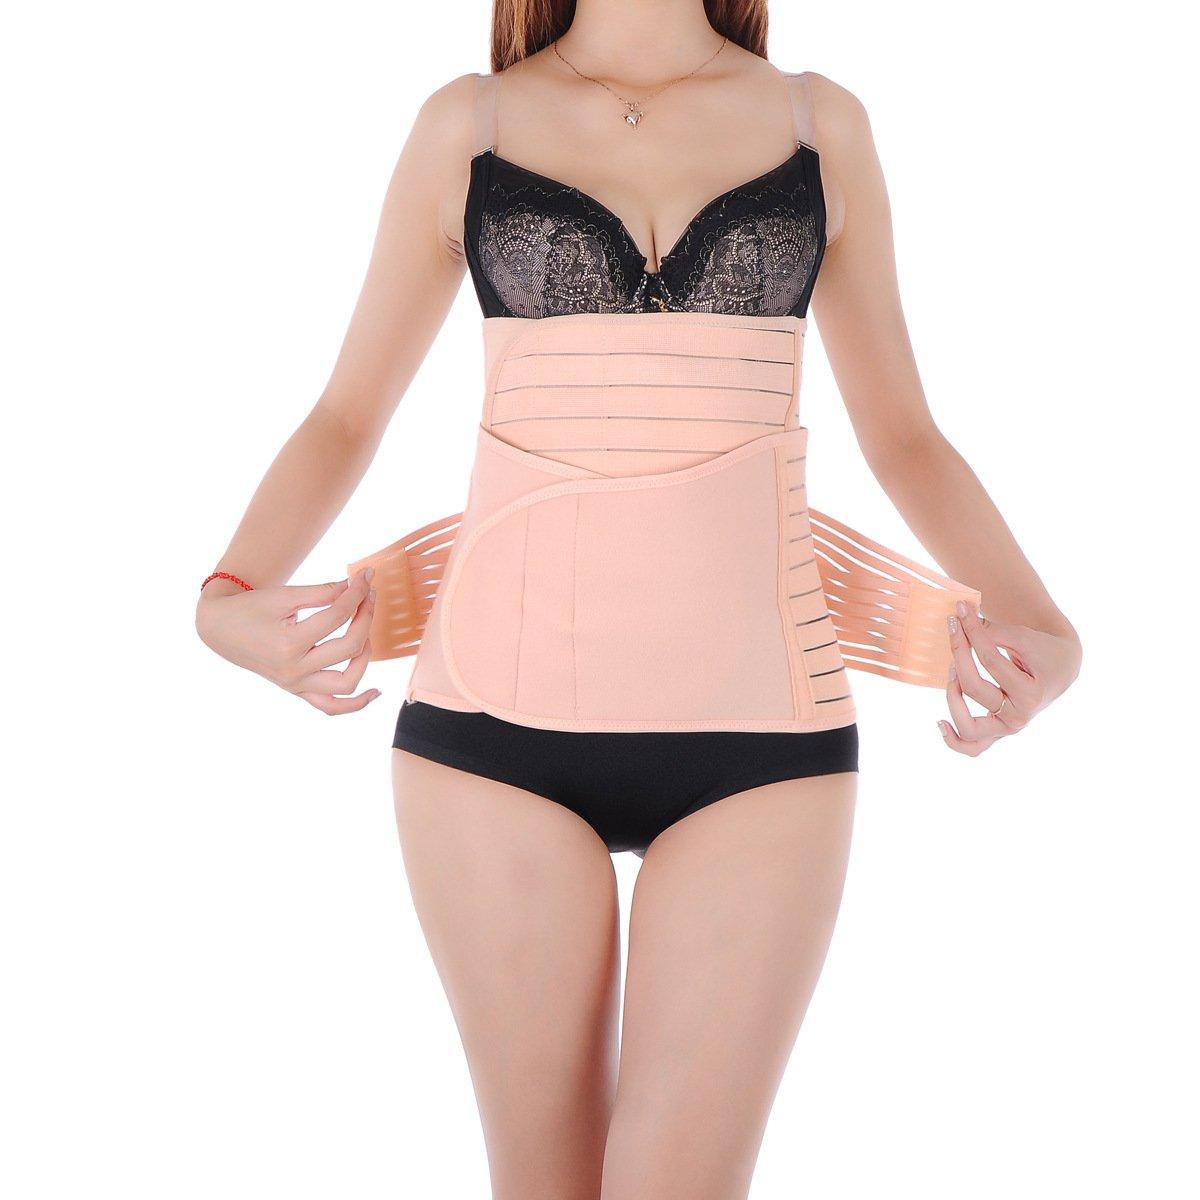 &qq Barriga postparto cinturones o maternidad corset correas/fajas/respirable de plástico lazo correa, embarazada correas flacas mujeres , m: Amazon.es: ...